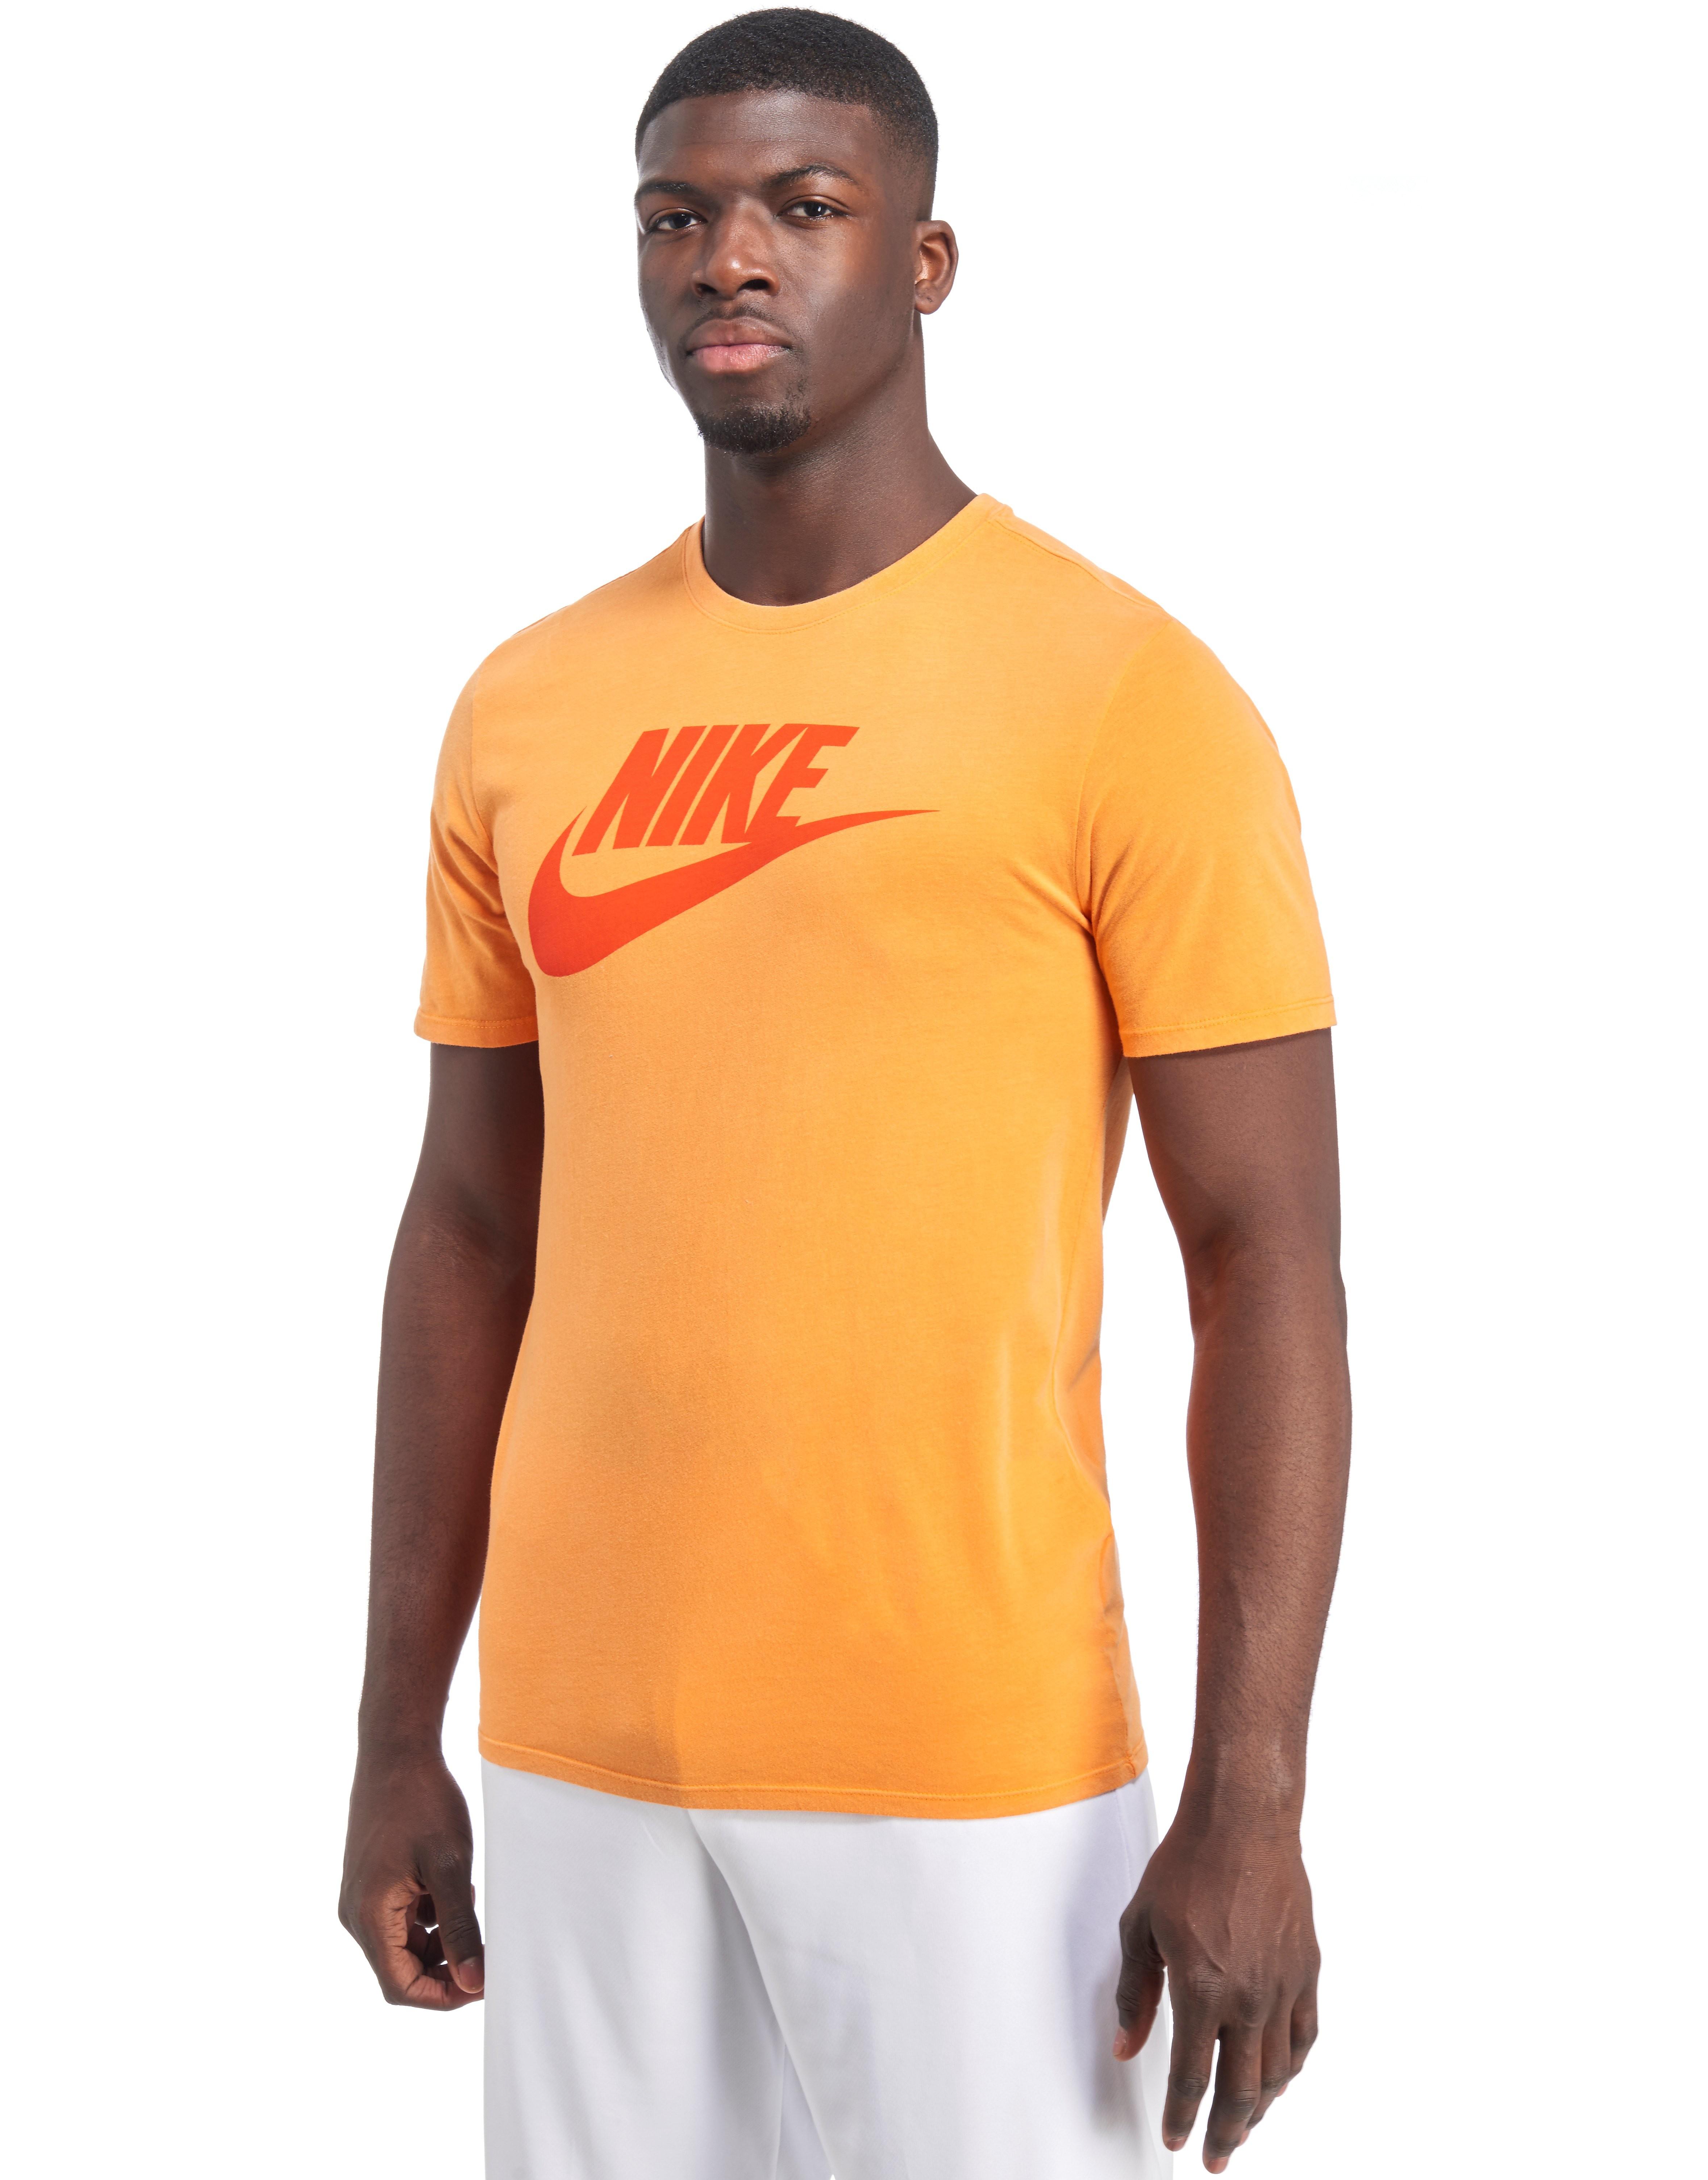 Nike Solstice T-Shirt